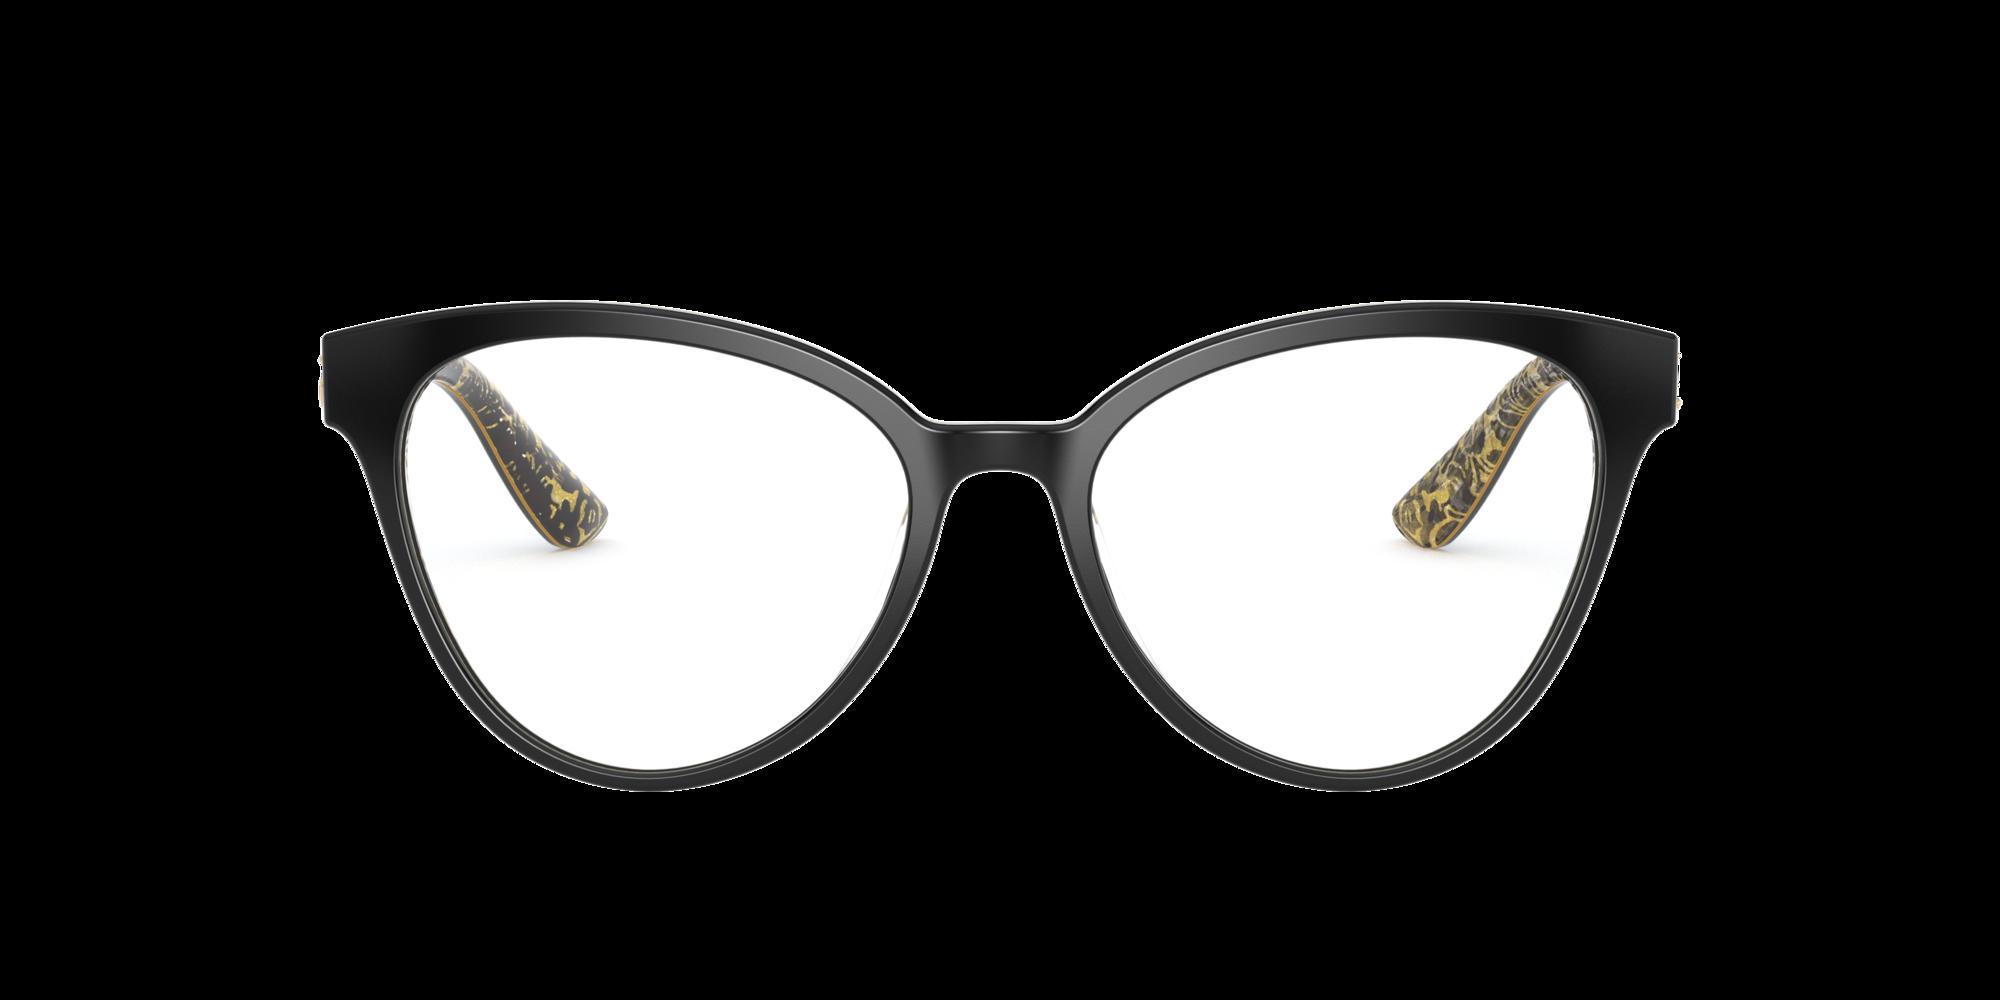 Imagen para DG3320 de LensCrafters |  Espejuelos, espejuelos graduados en línea, gafas